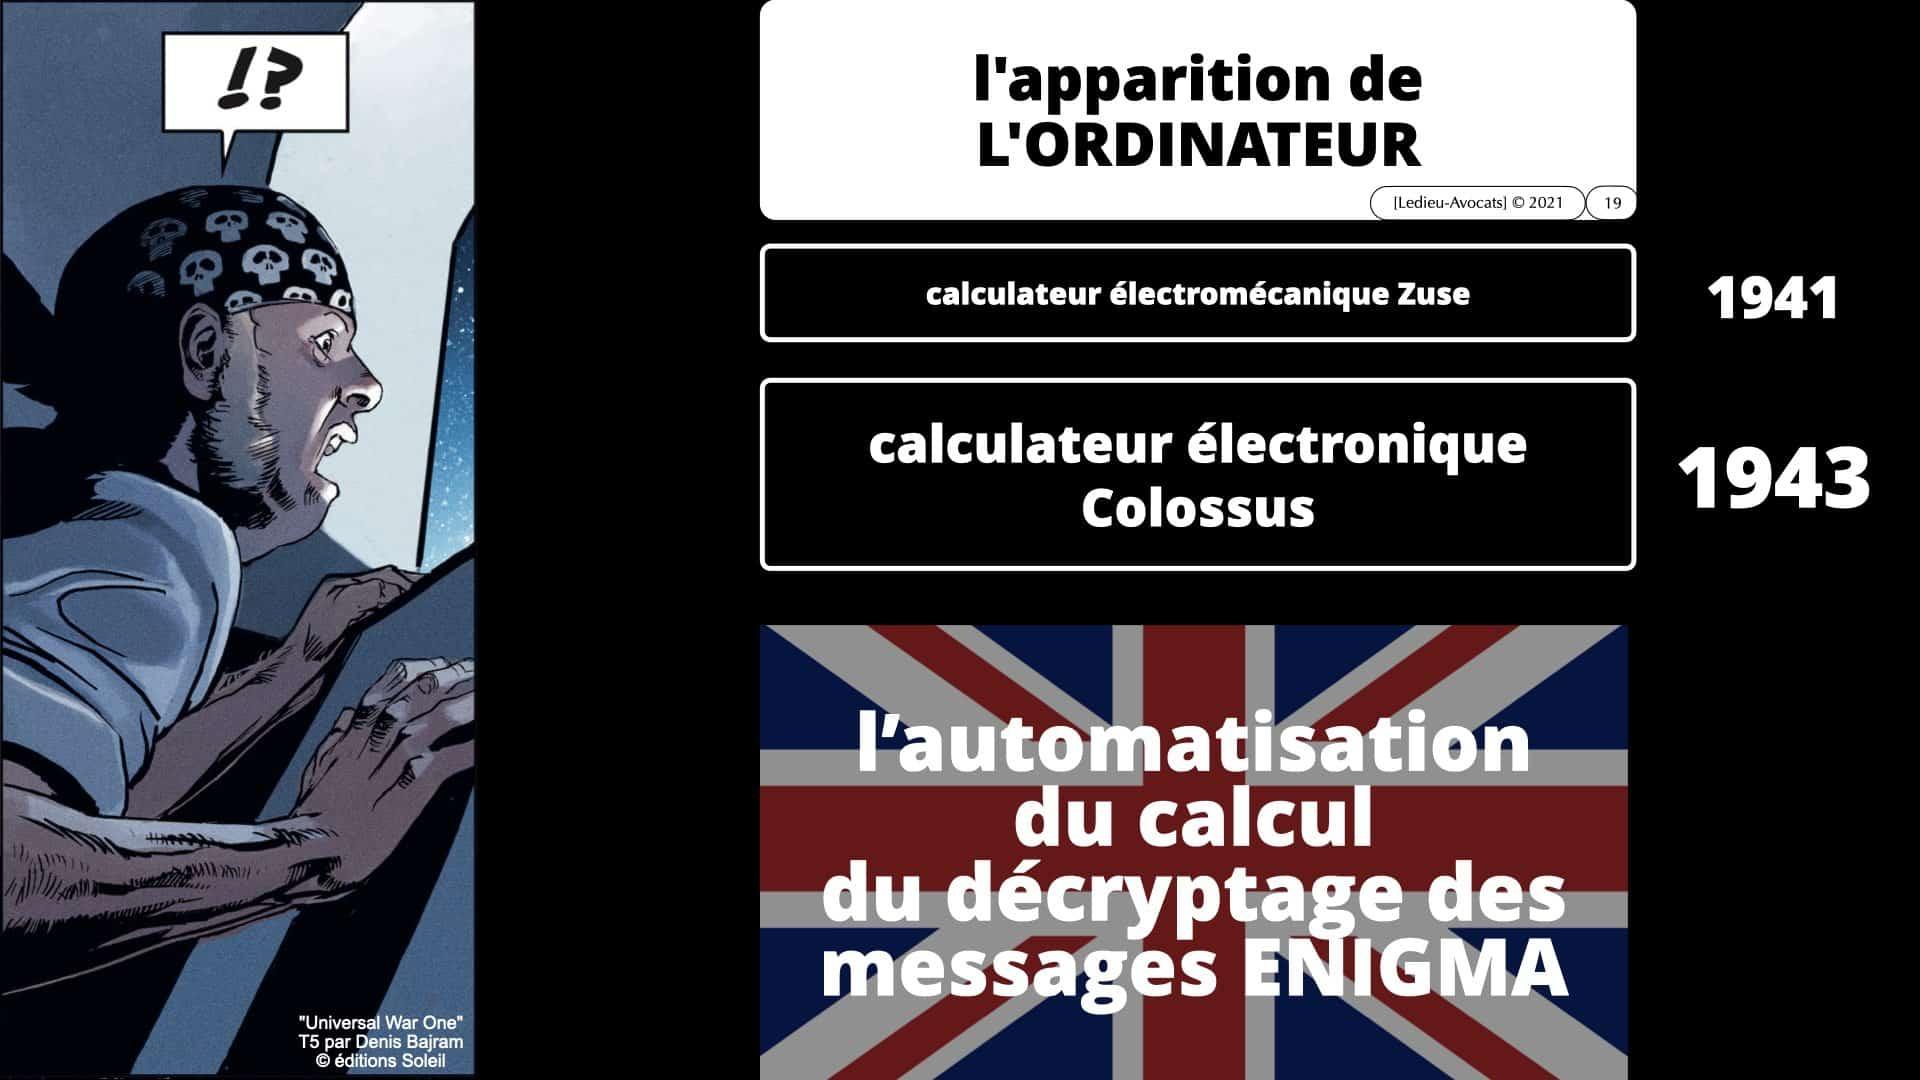 330 CYBER ATTAQUE © Ledieu-Avocats 09-03-2021.019